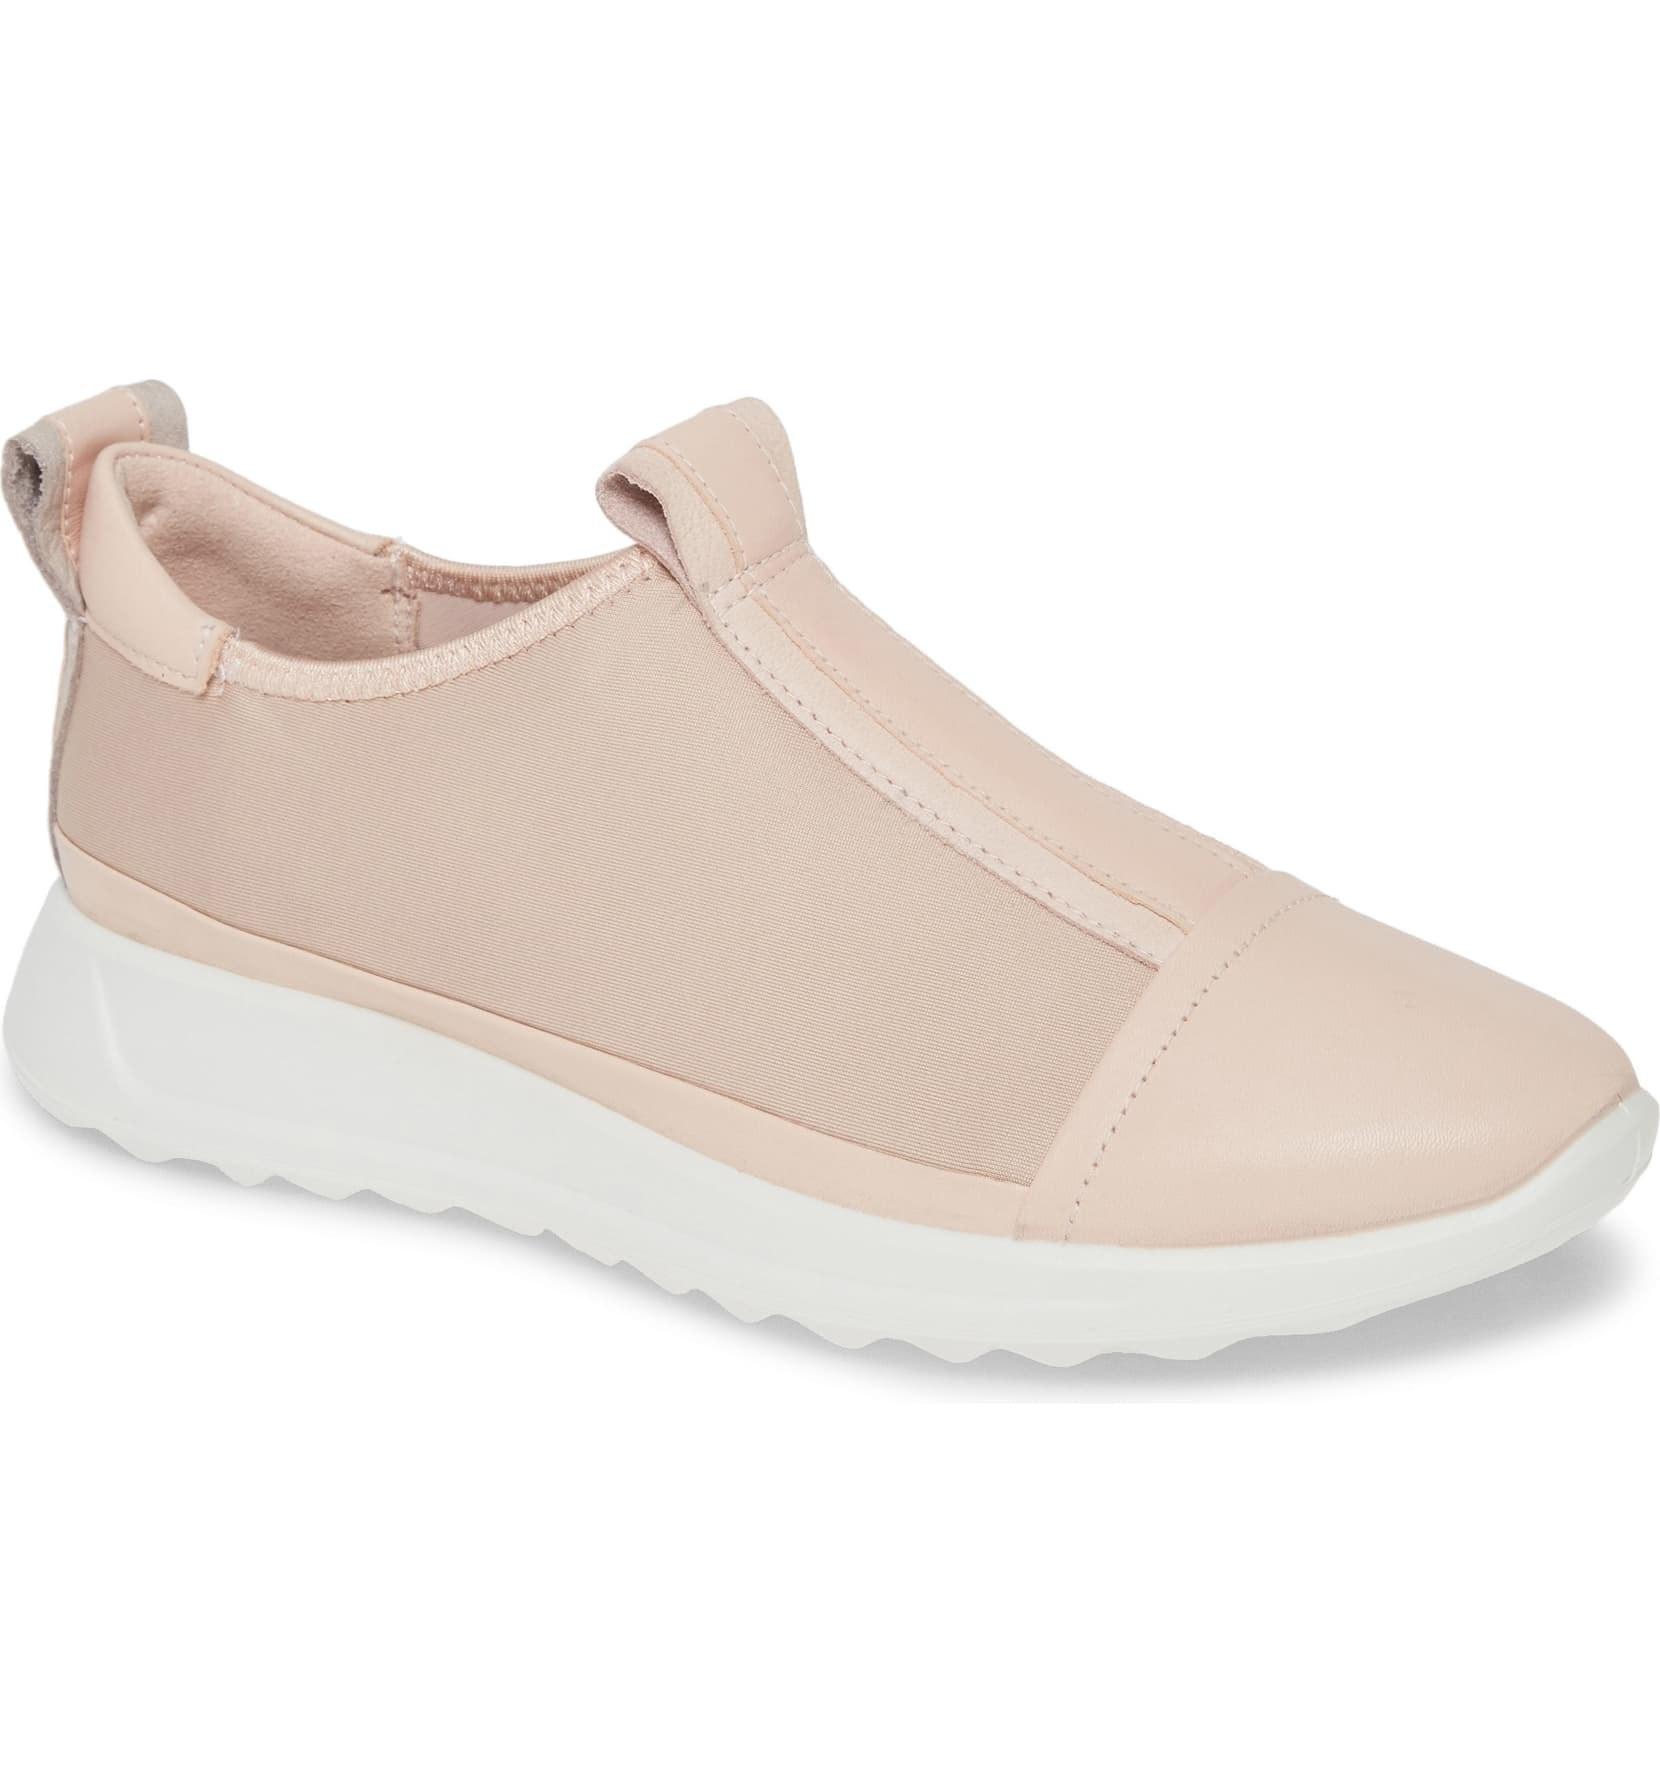 ECCO Flexure running shoe in